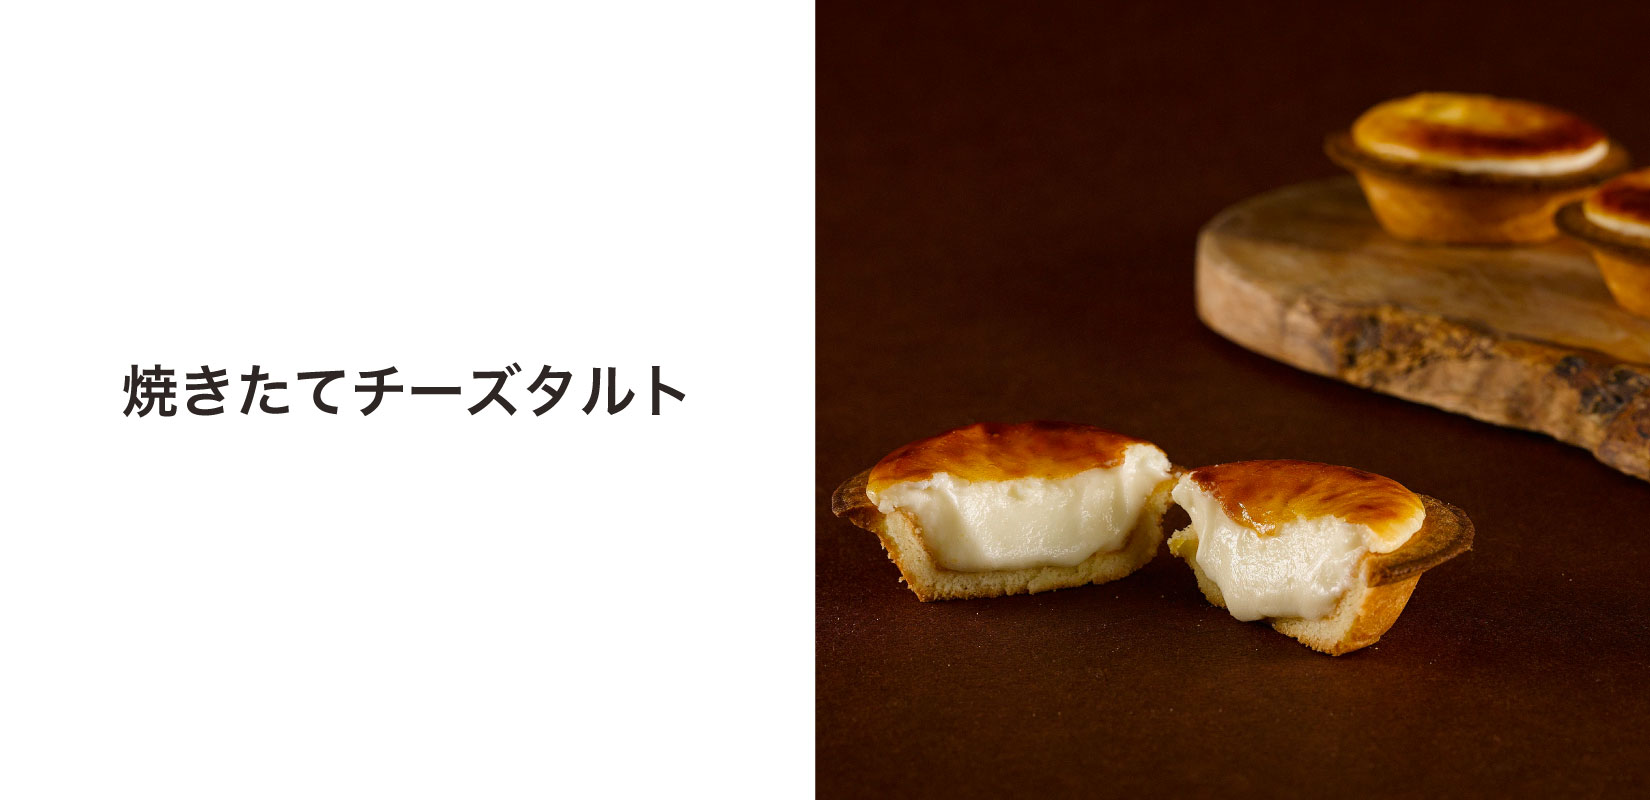 【おうちで美味しく】焼きたてチーズタルト